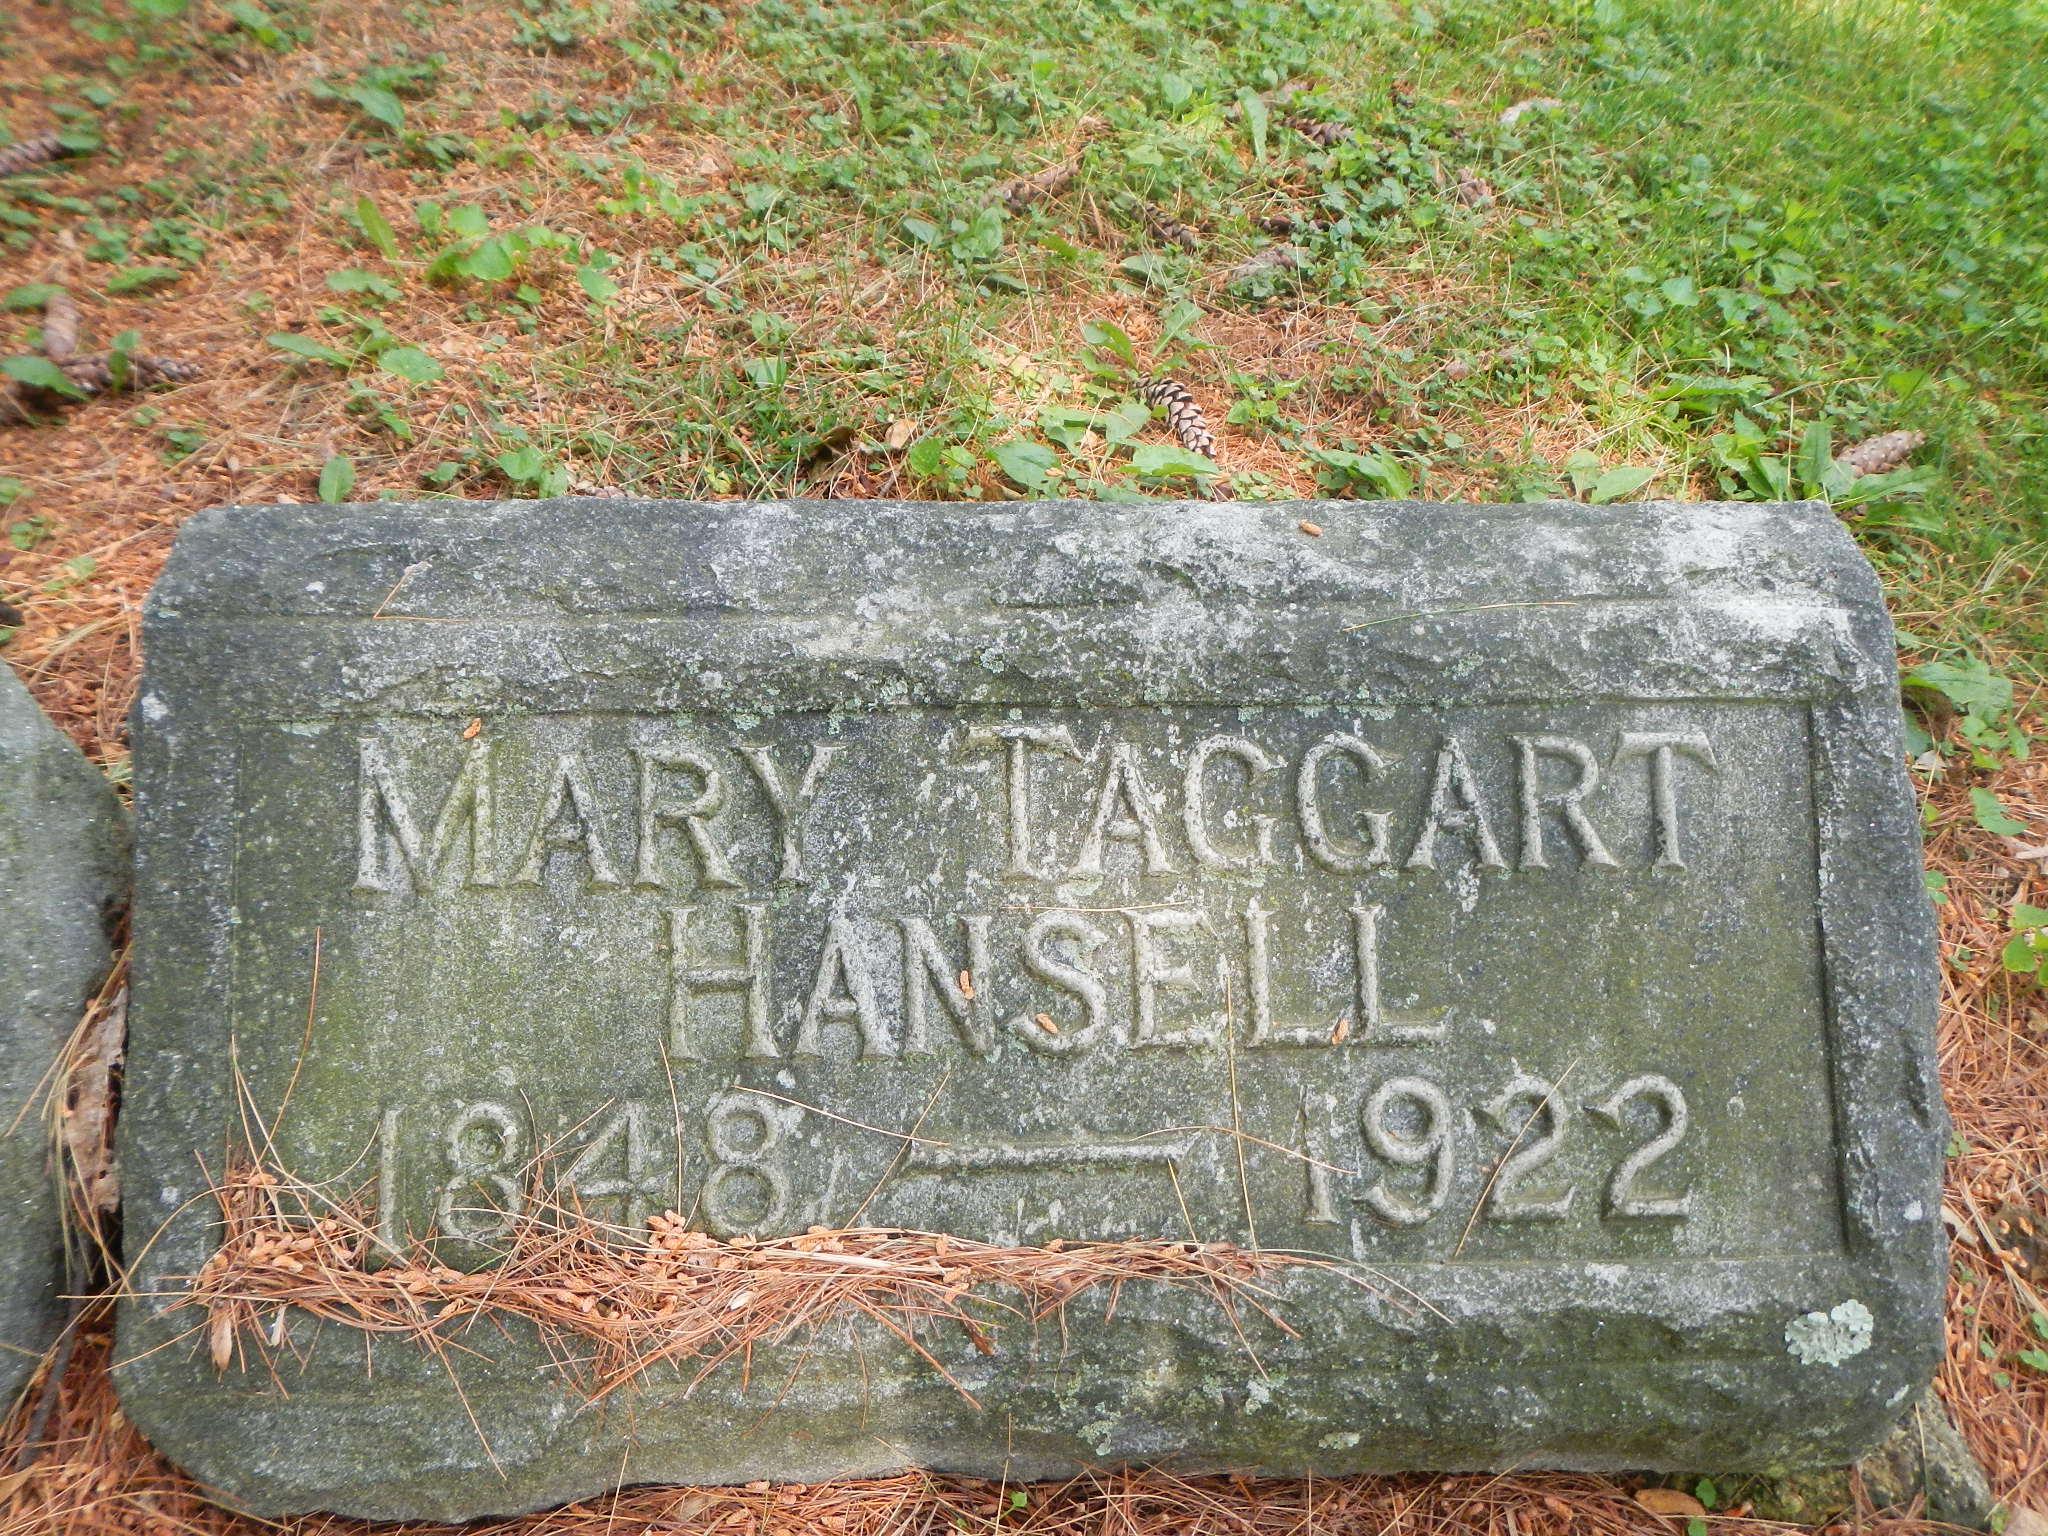 Mary <i>Taggart</i> Hansell